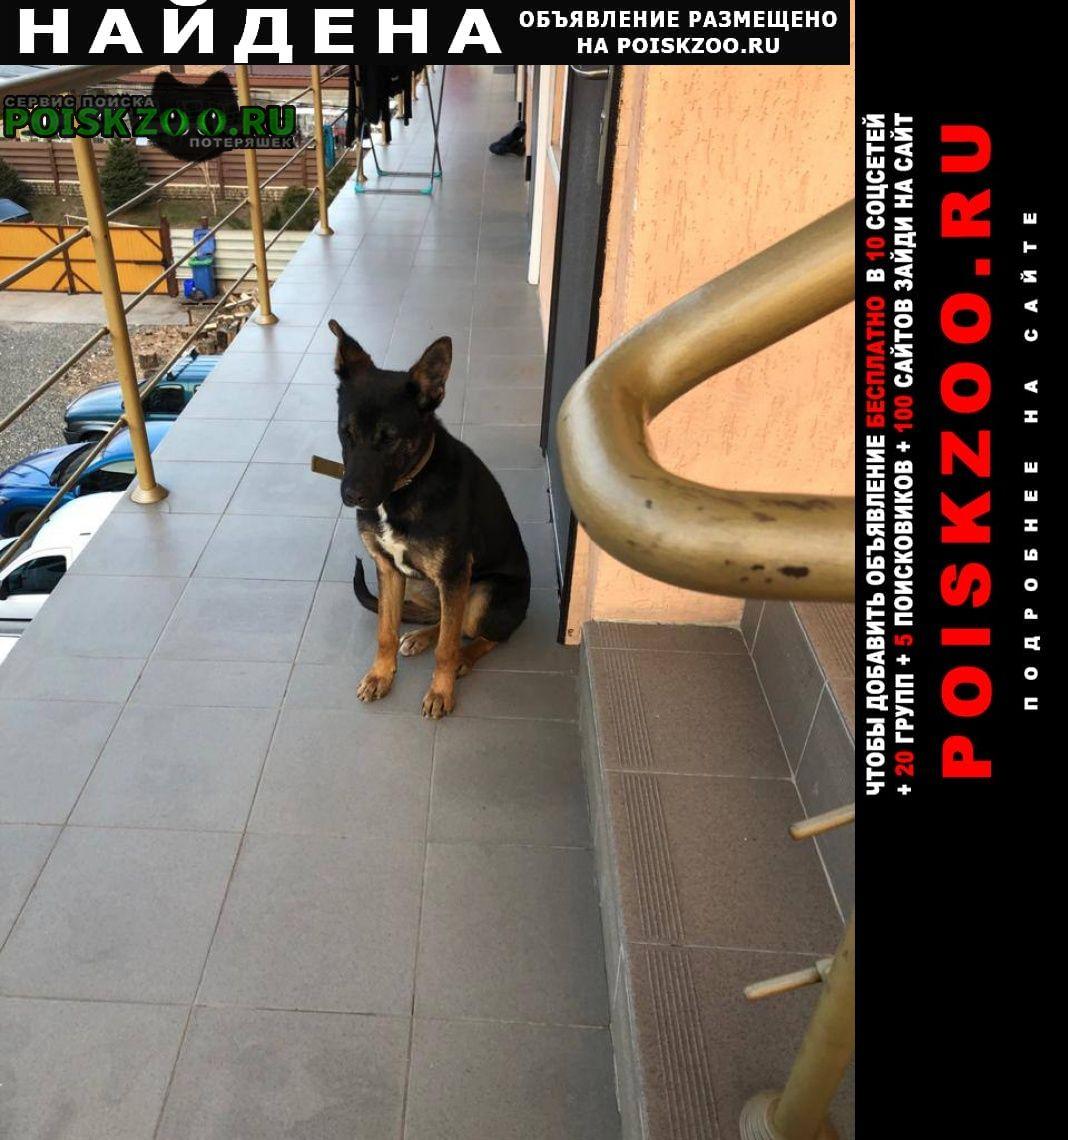 Найдена собака кобель Адлер